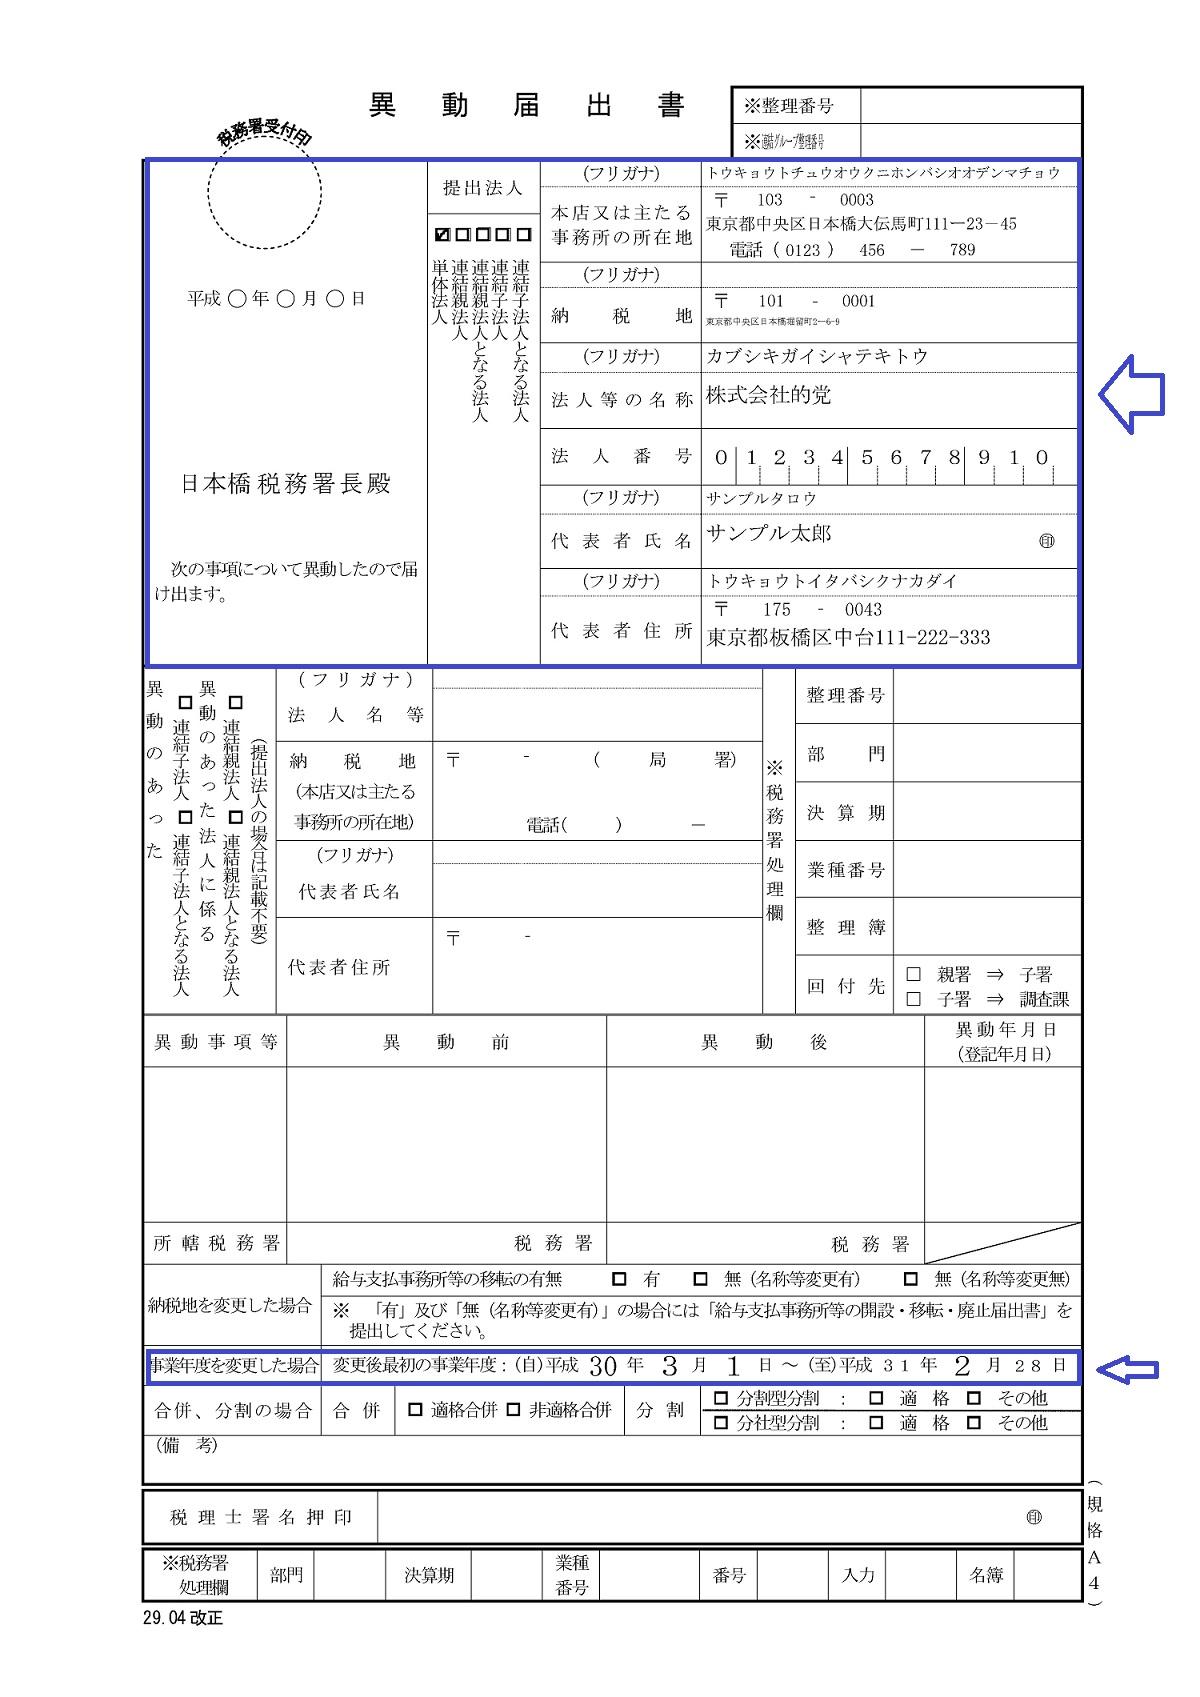 税務署・都税事務所への決算期変更届